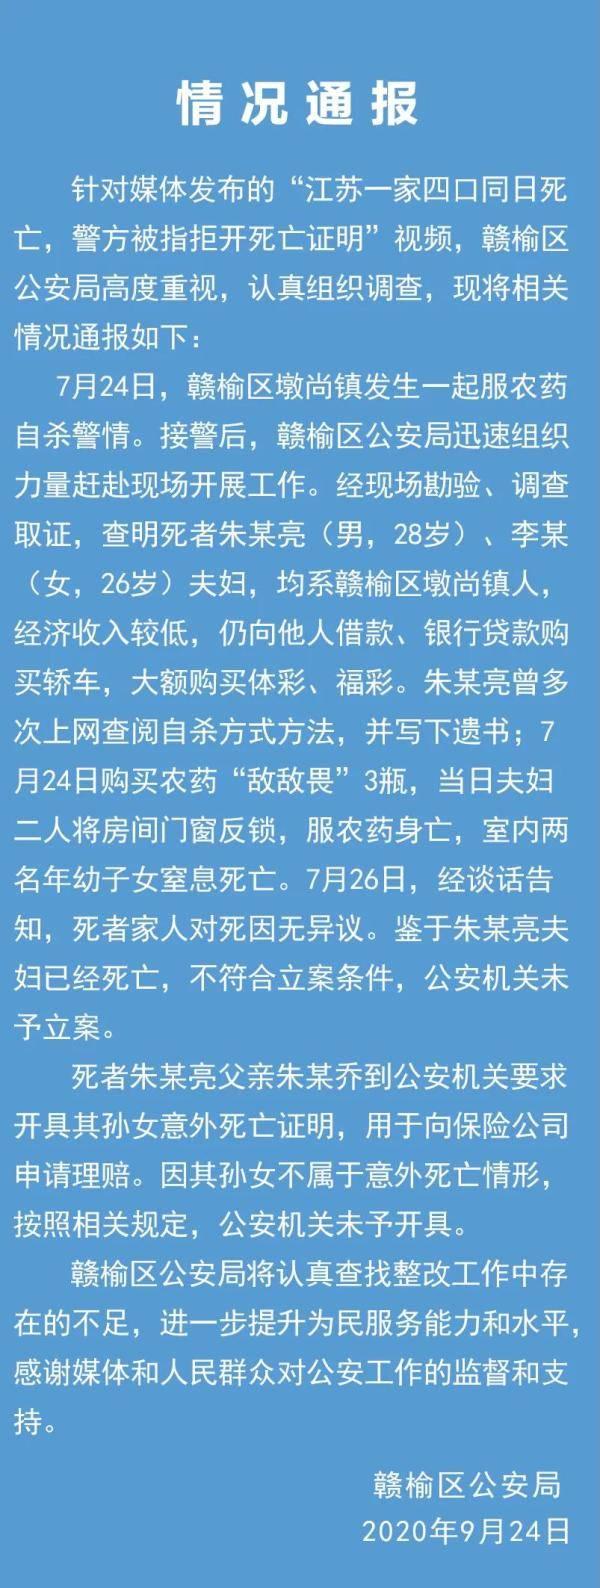 来自|连云港警方通报一家四口同日死亡案